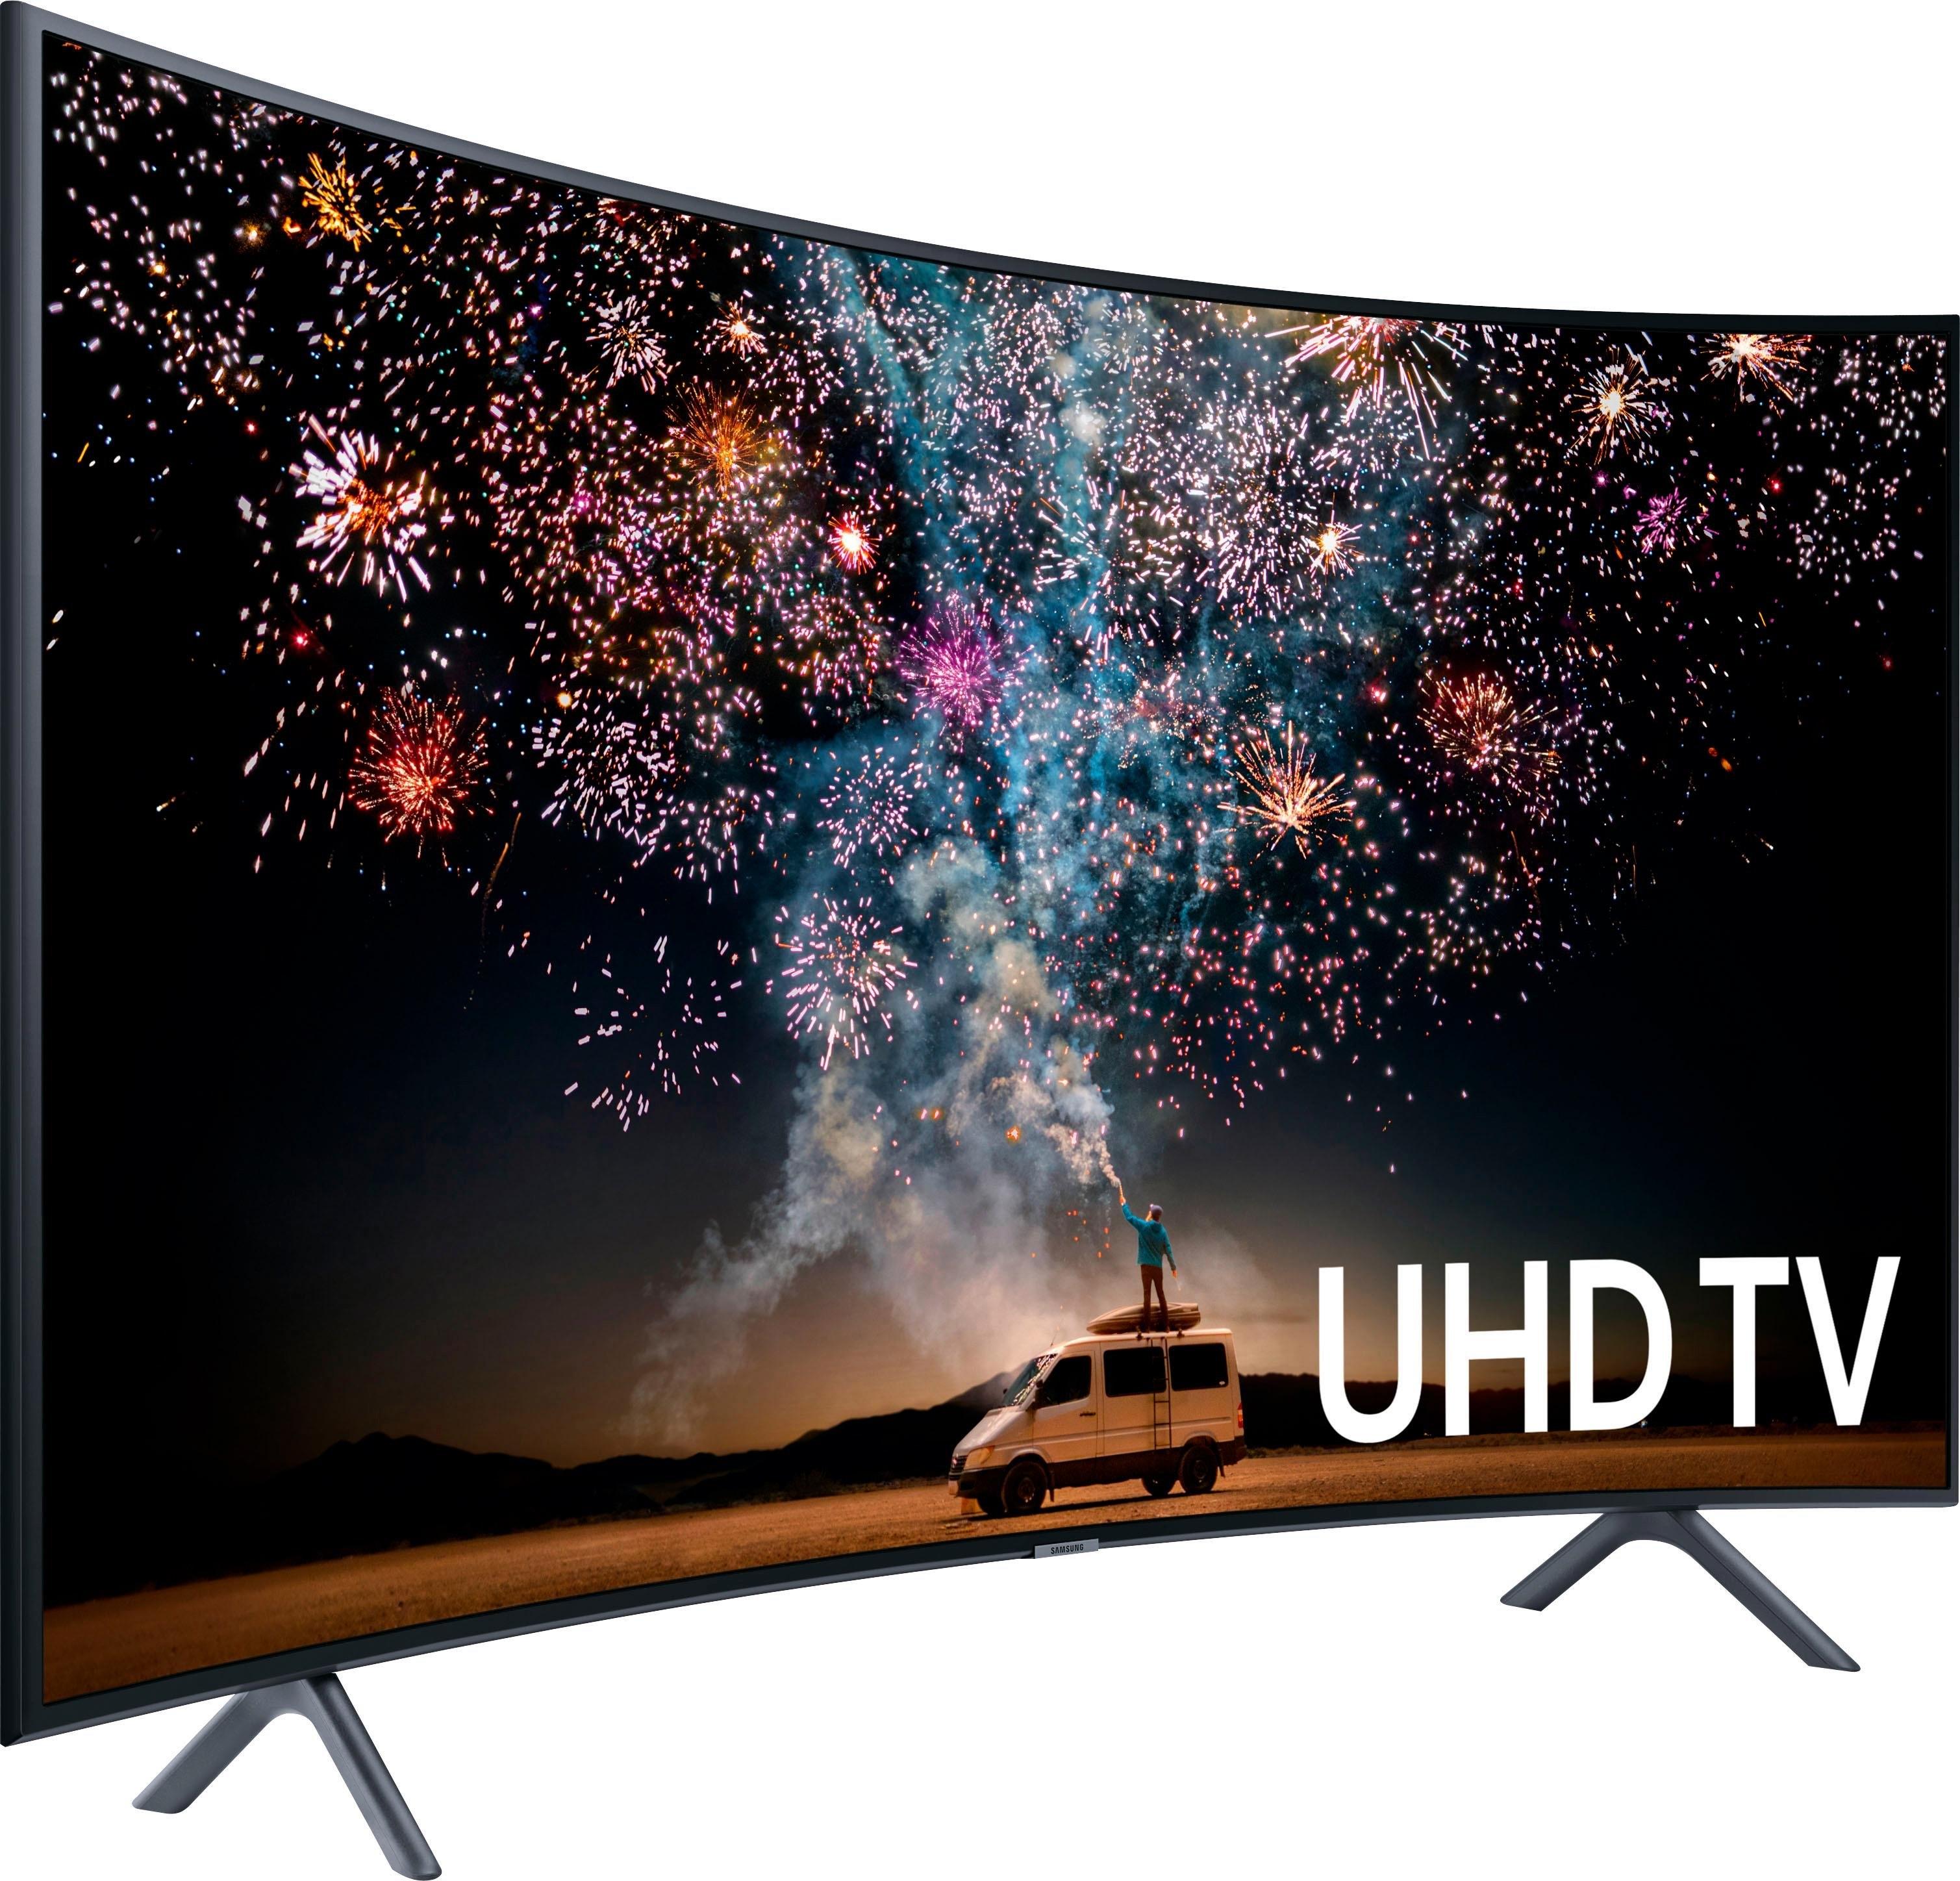 SAMSUNG UE49RU7379 curved led-tv (123 cm / 49 inch), 4K Ultra HD - verschillende betaalmethodes